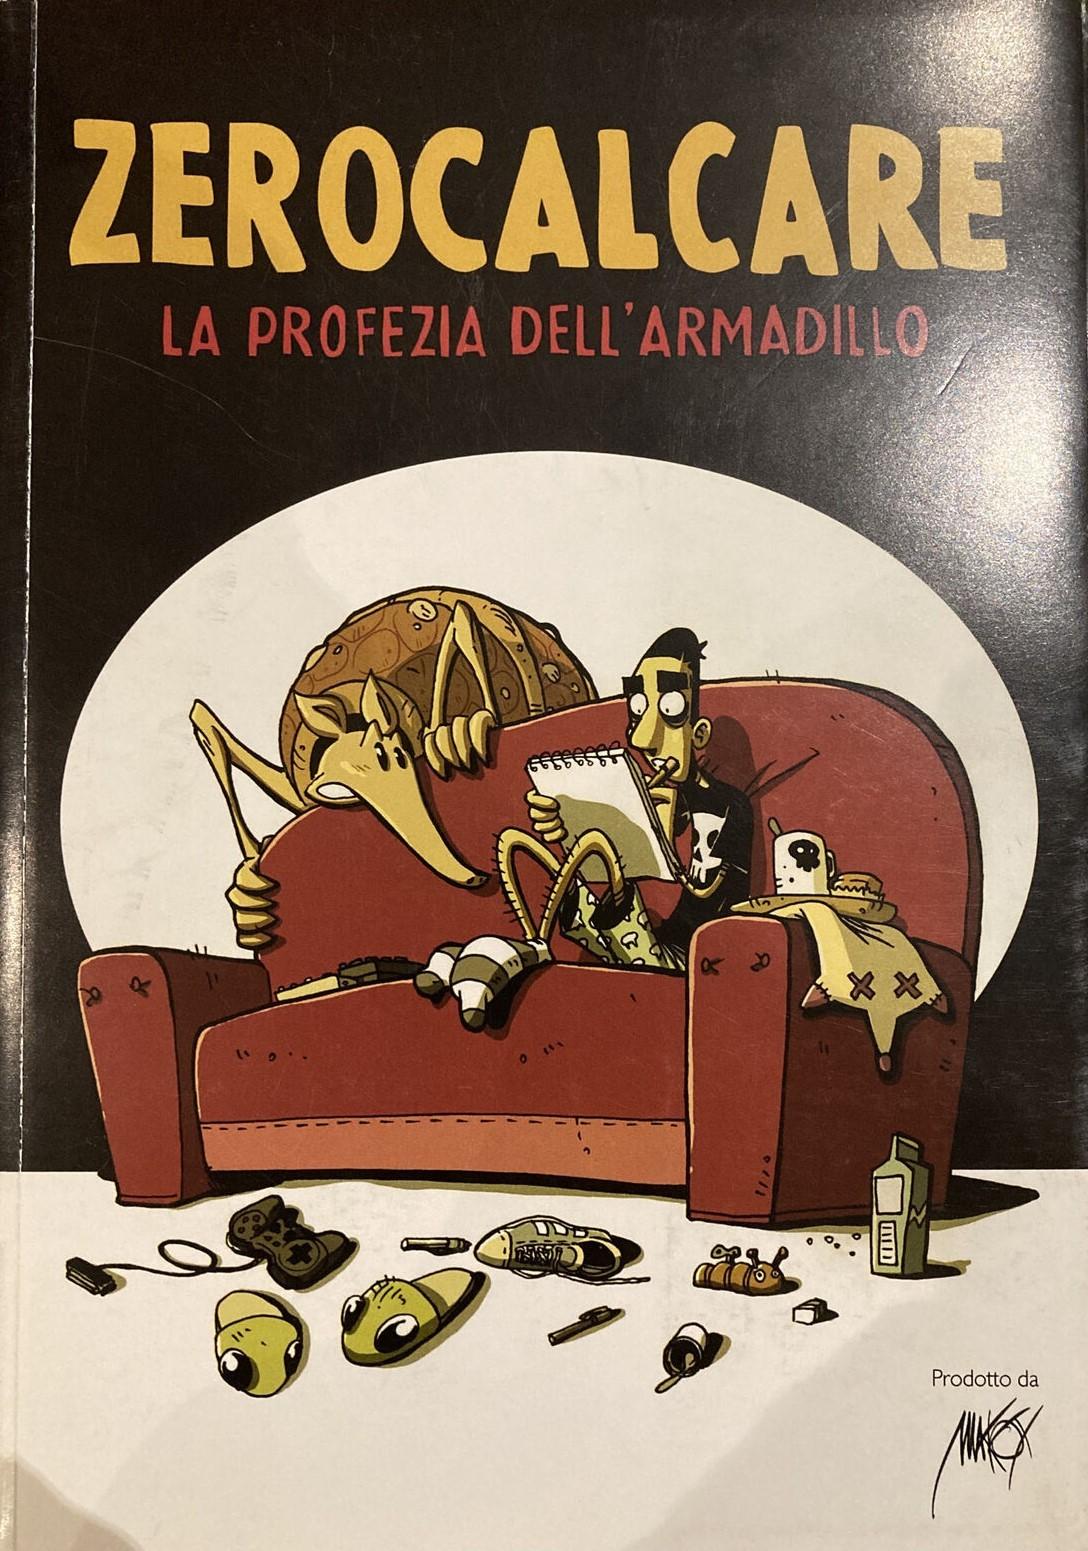 """In asta fa furore la prima edizione assoluta de """"La profezia dell'armadillo"""" diZerocalcare(2011)"""